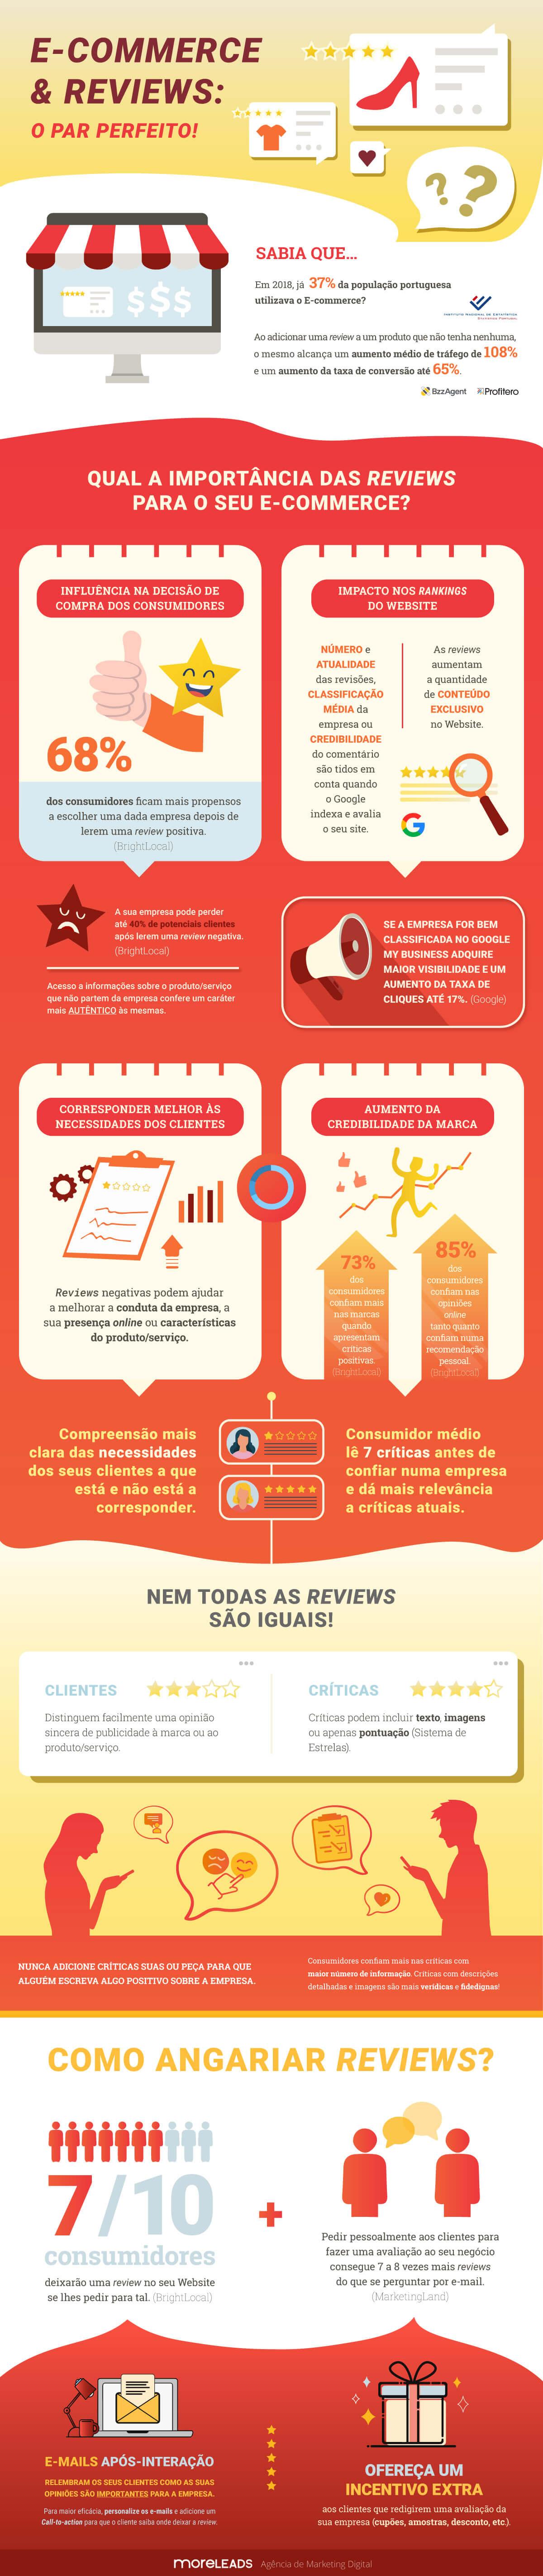 Infografico importancia das reviews no E-commerce